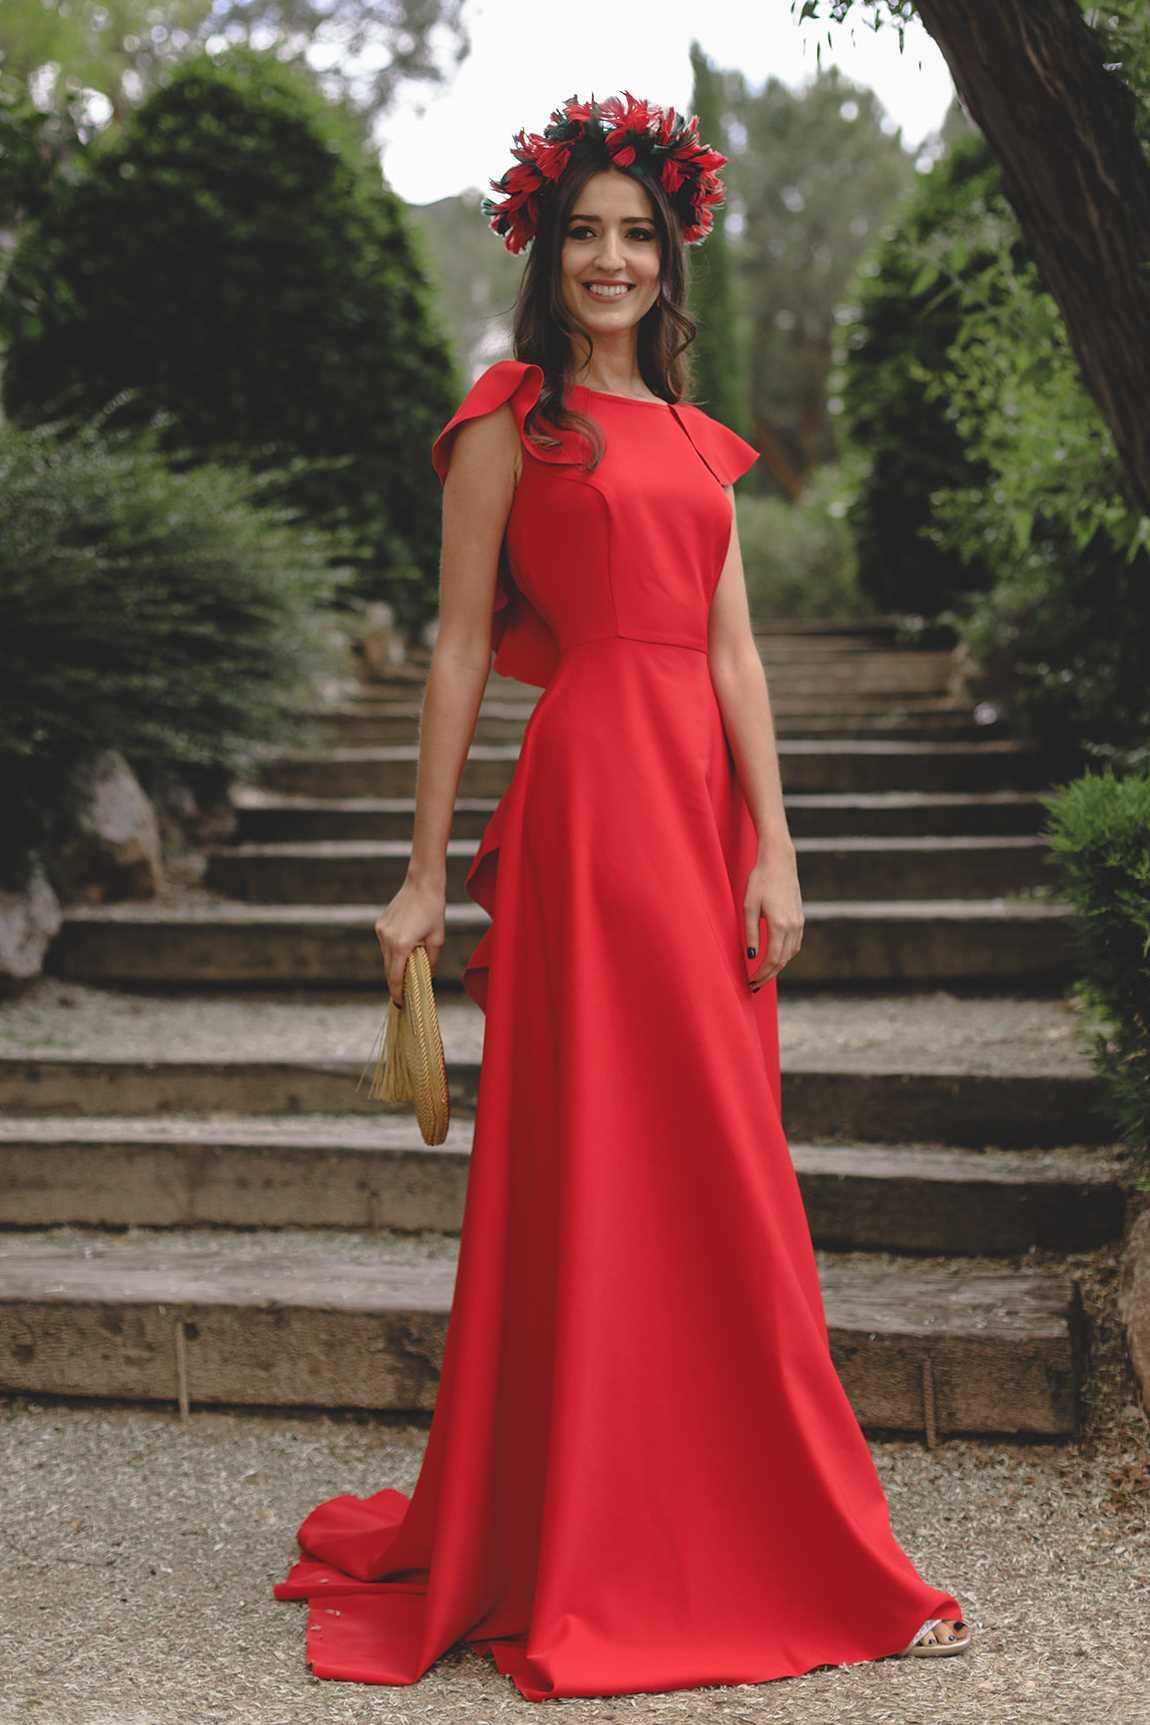 b68a45049378 Vestido de fiesta rojo largo con volantes en la espalda. Modelo Orquídea